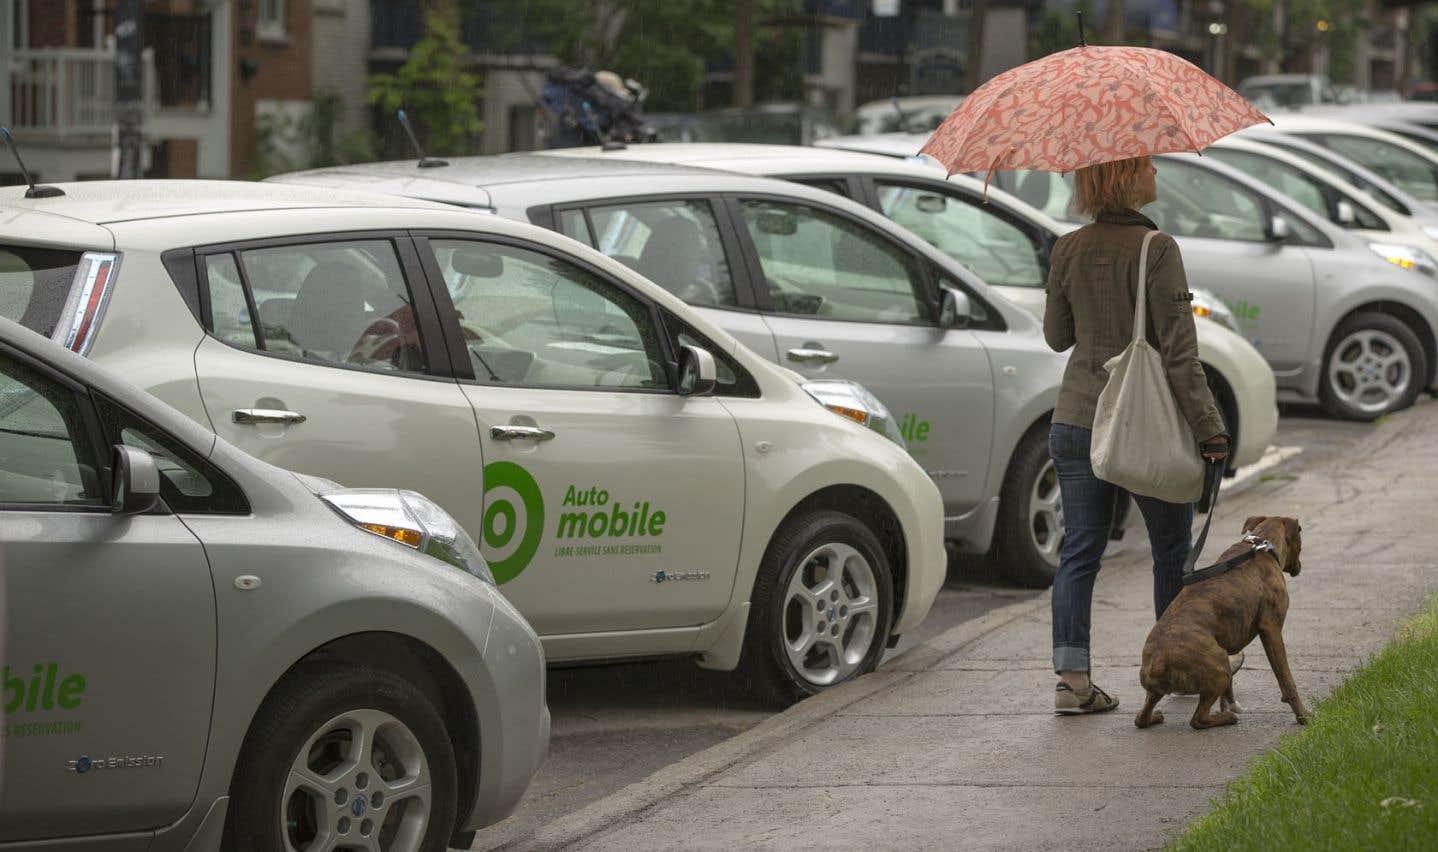 Les ressources pour adopter des comportements verts sont aujourd'hui plus accessibles. Par exemple, le service Communauto est plus populaire et offre même le choix de voitures électriques.